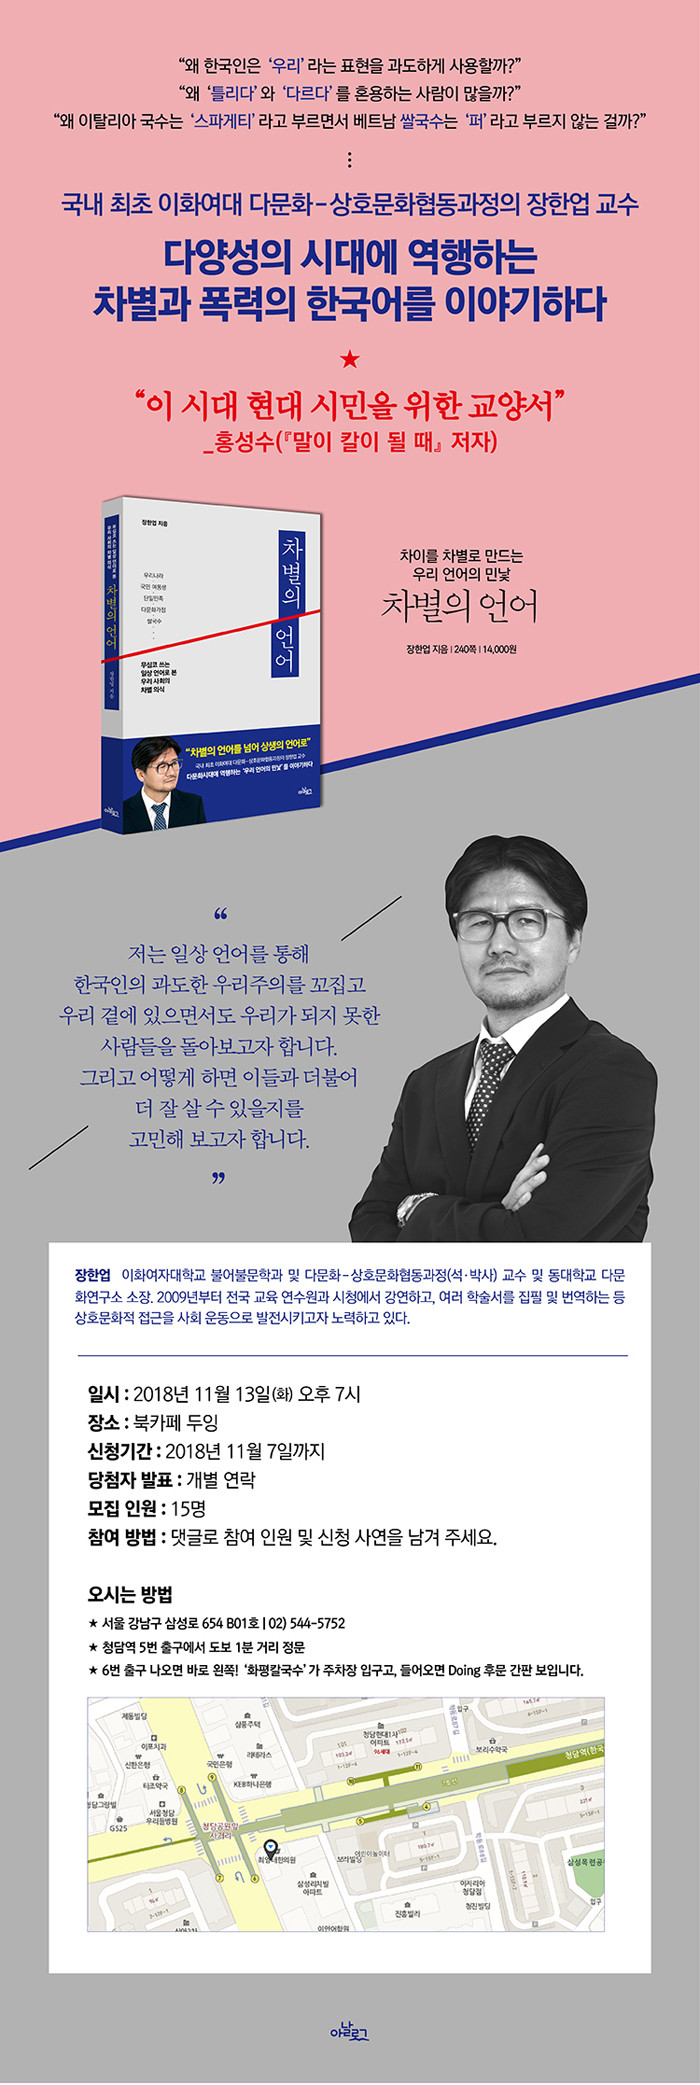 예스24_차별의 언어_강연회_750.jpg